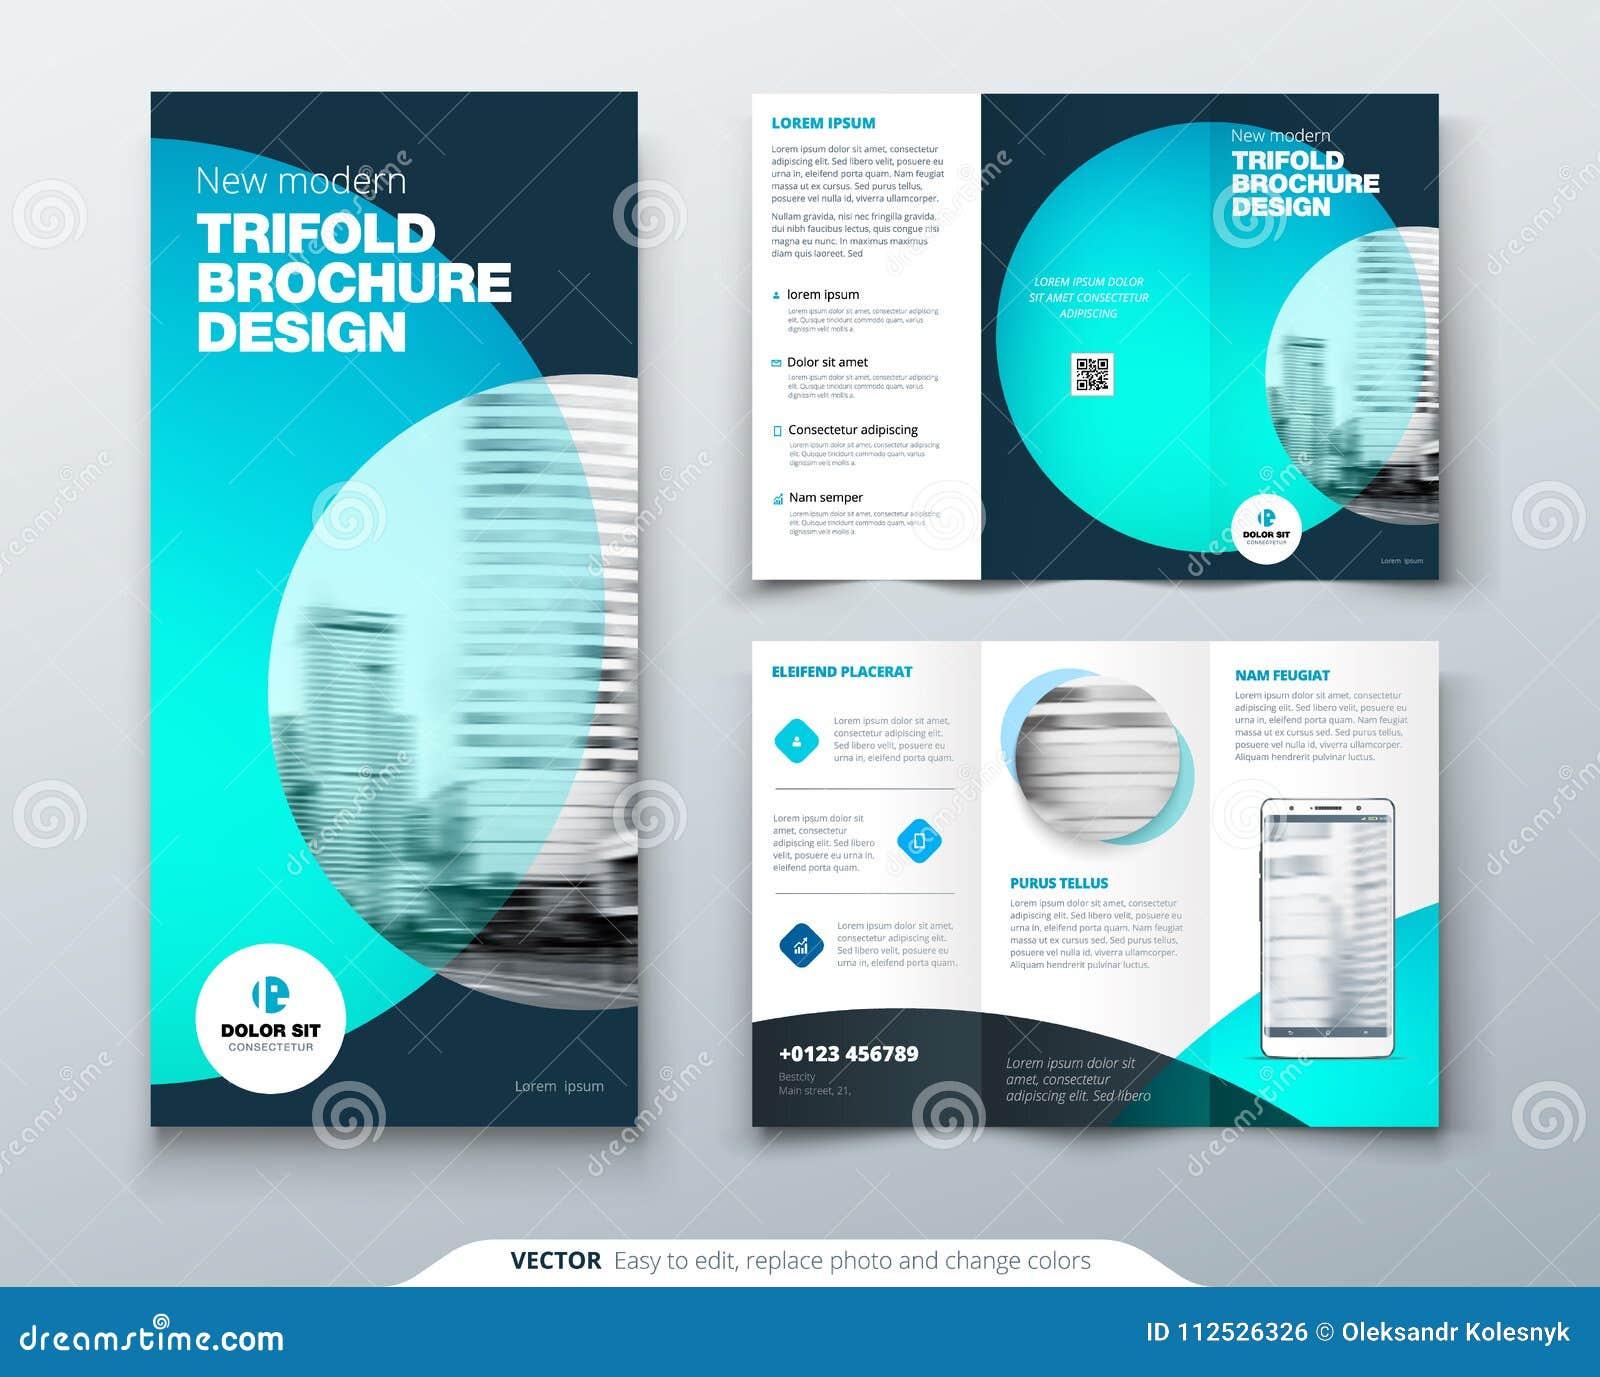 tri fold brochure design teal orange corporate business template